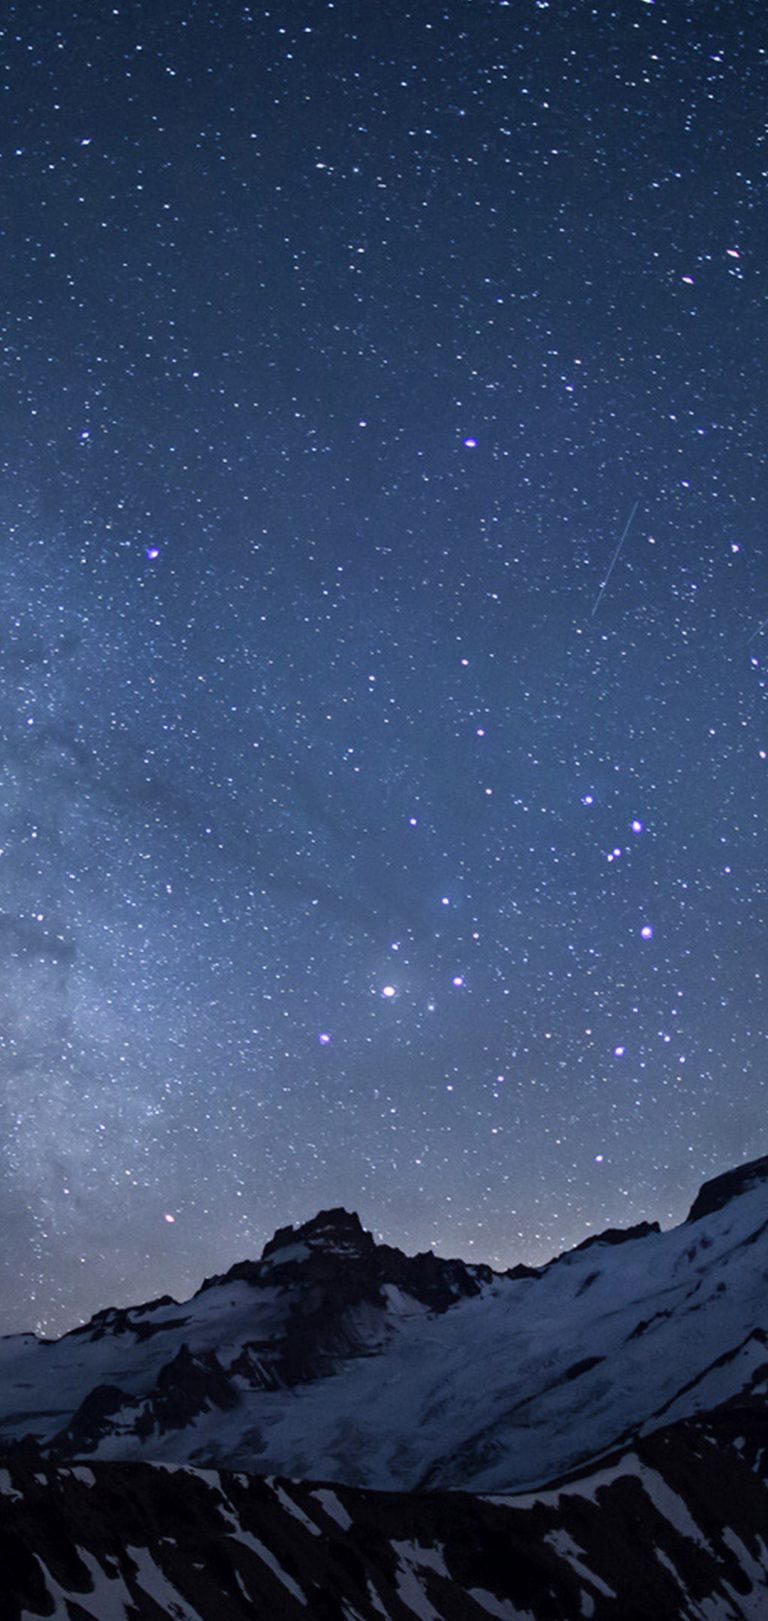 Winter Milky Way Wallpaper 1080x2280 768x1621